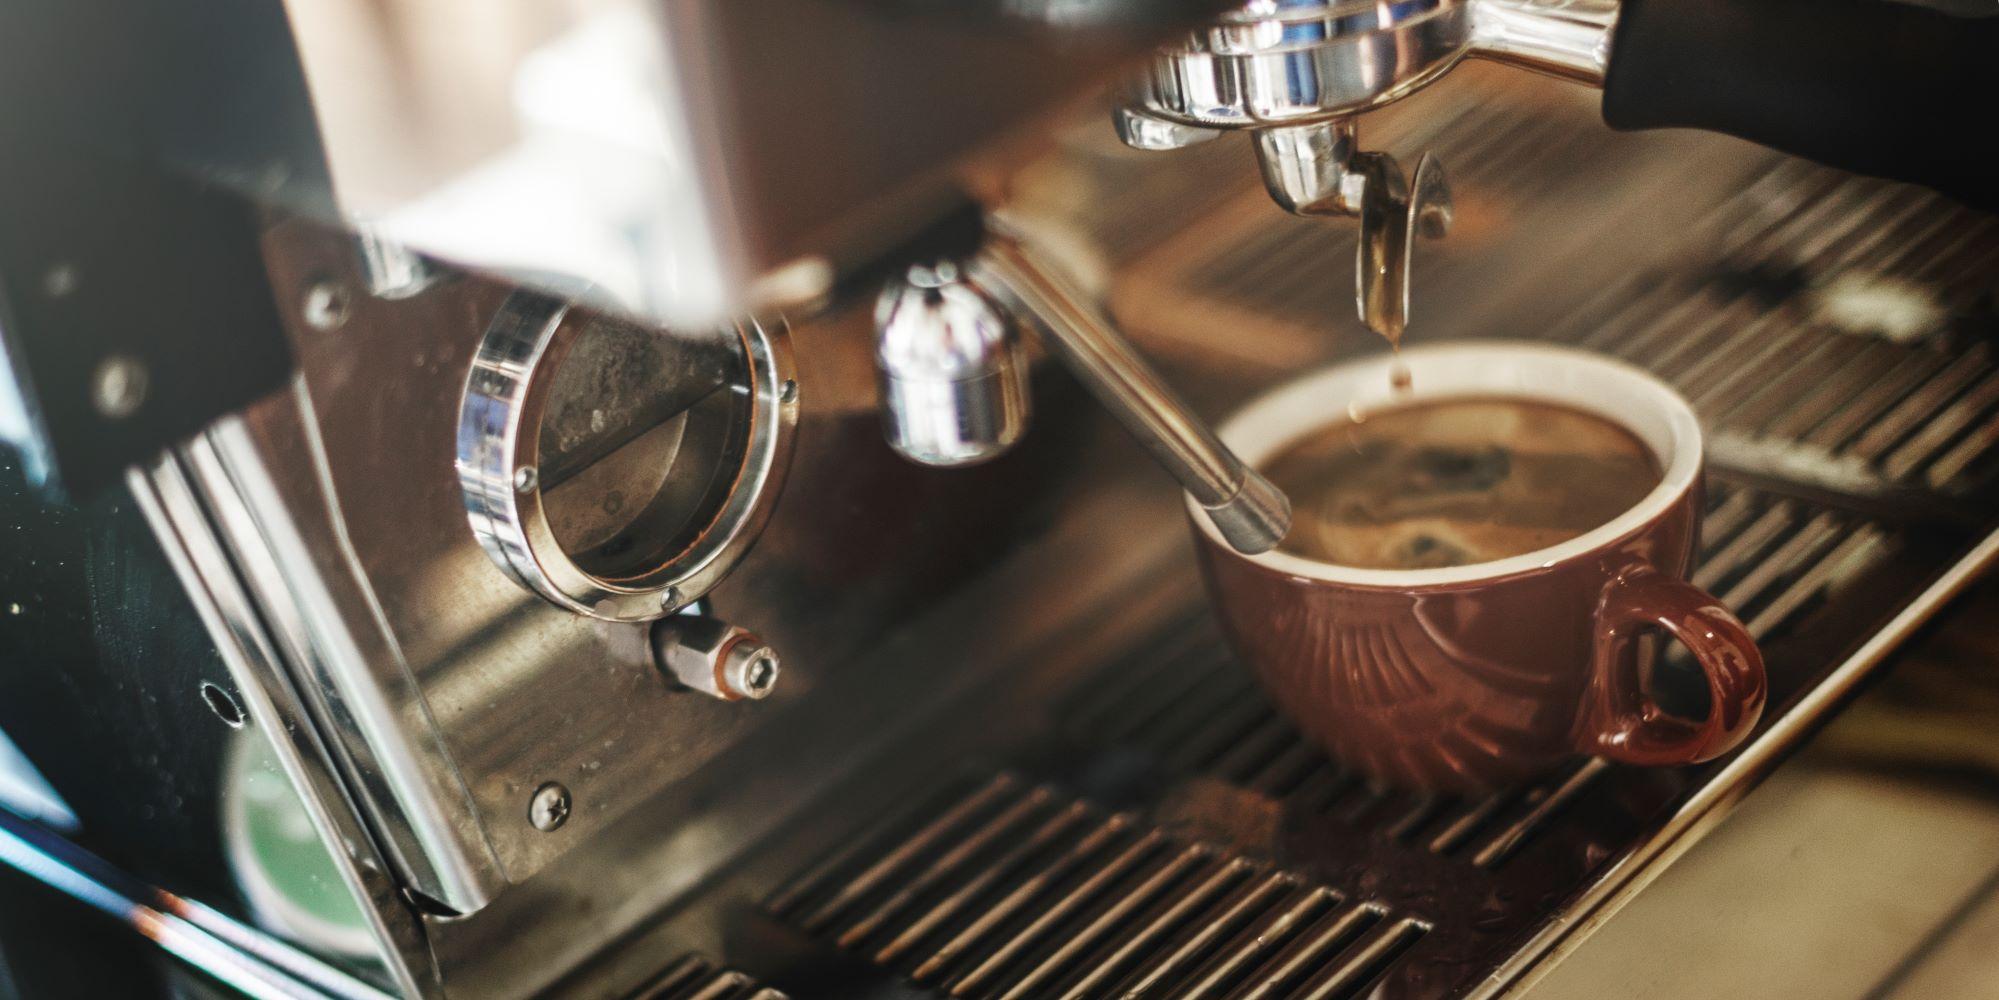 Najwyższej jakości świeżo palona kawa